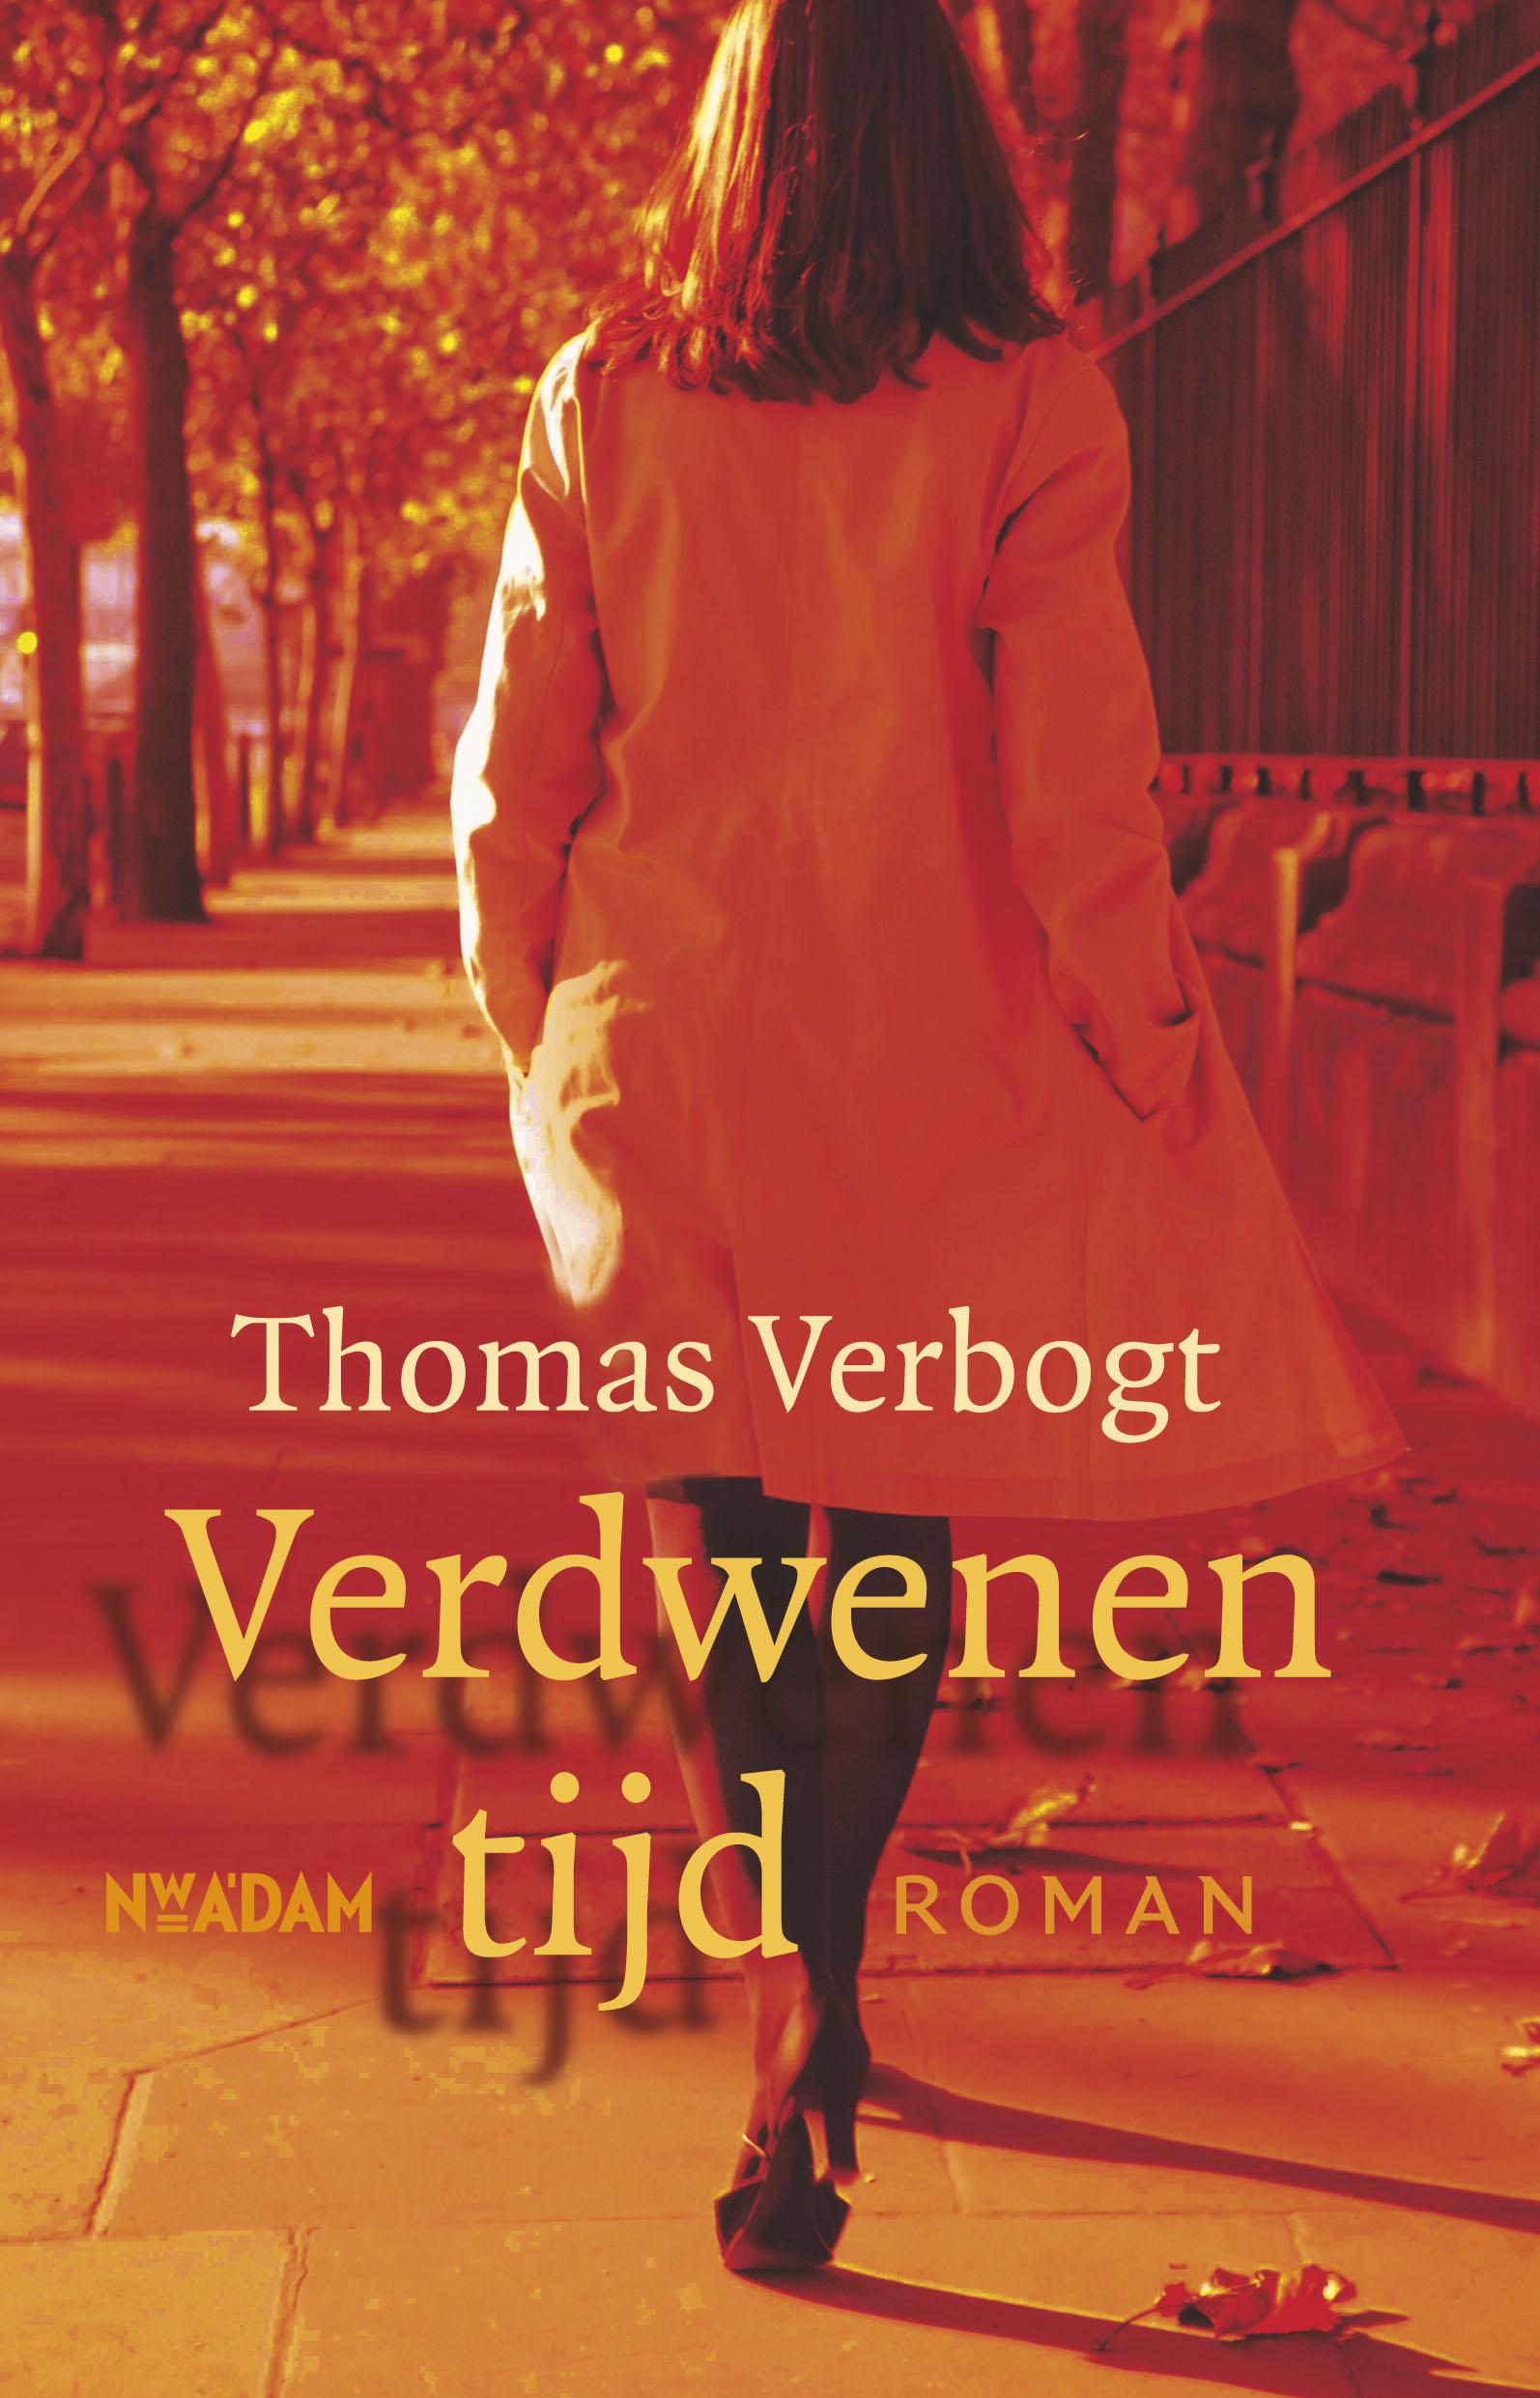 Verdwenen tijd – Thomas Verbogt